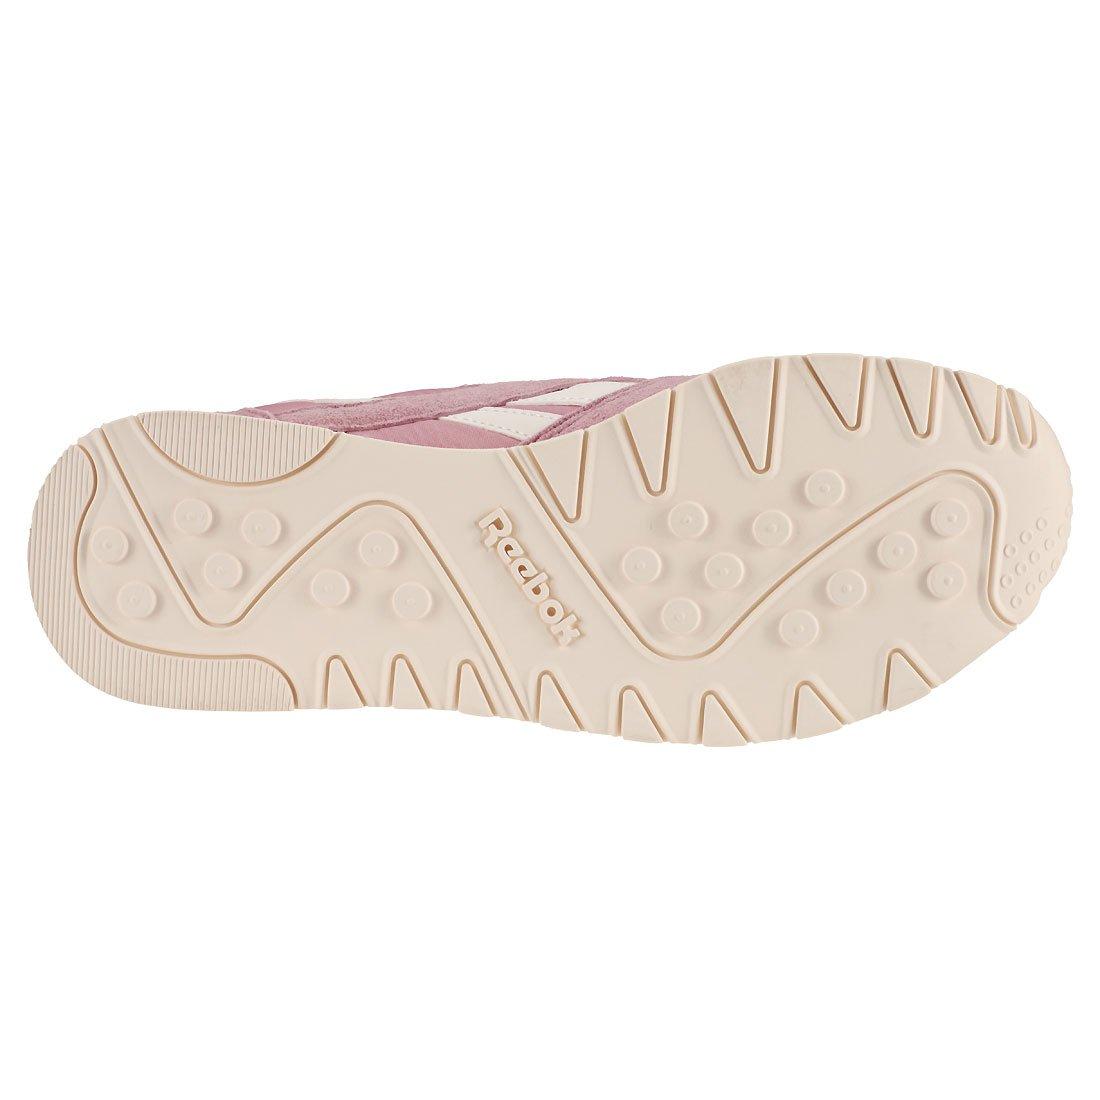 Reebok Classic Nylon, Scarpe Scarpe Scarpe da Ginnastica Donna | Alta qualità ed economico  6c9705